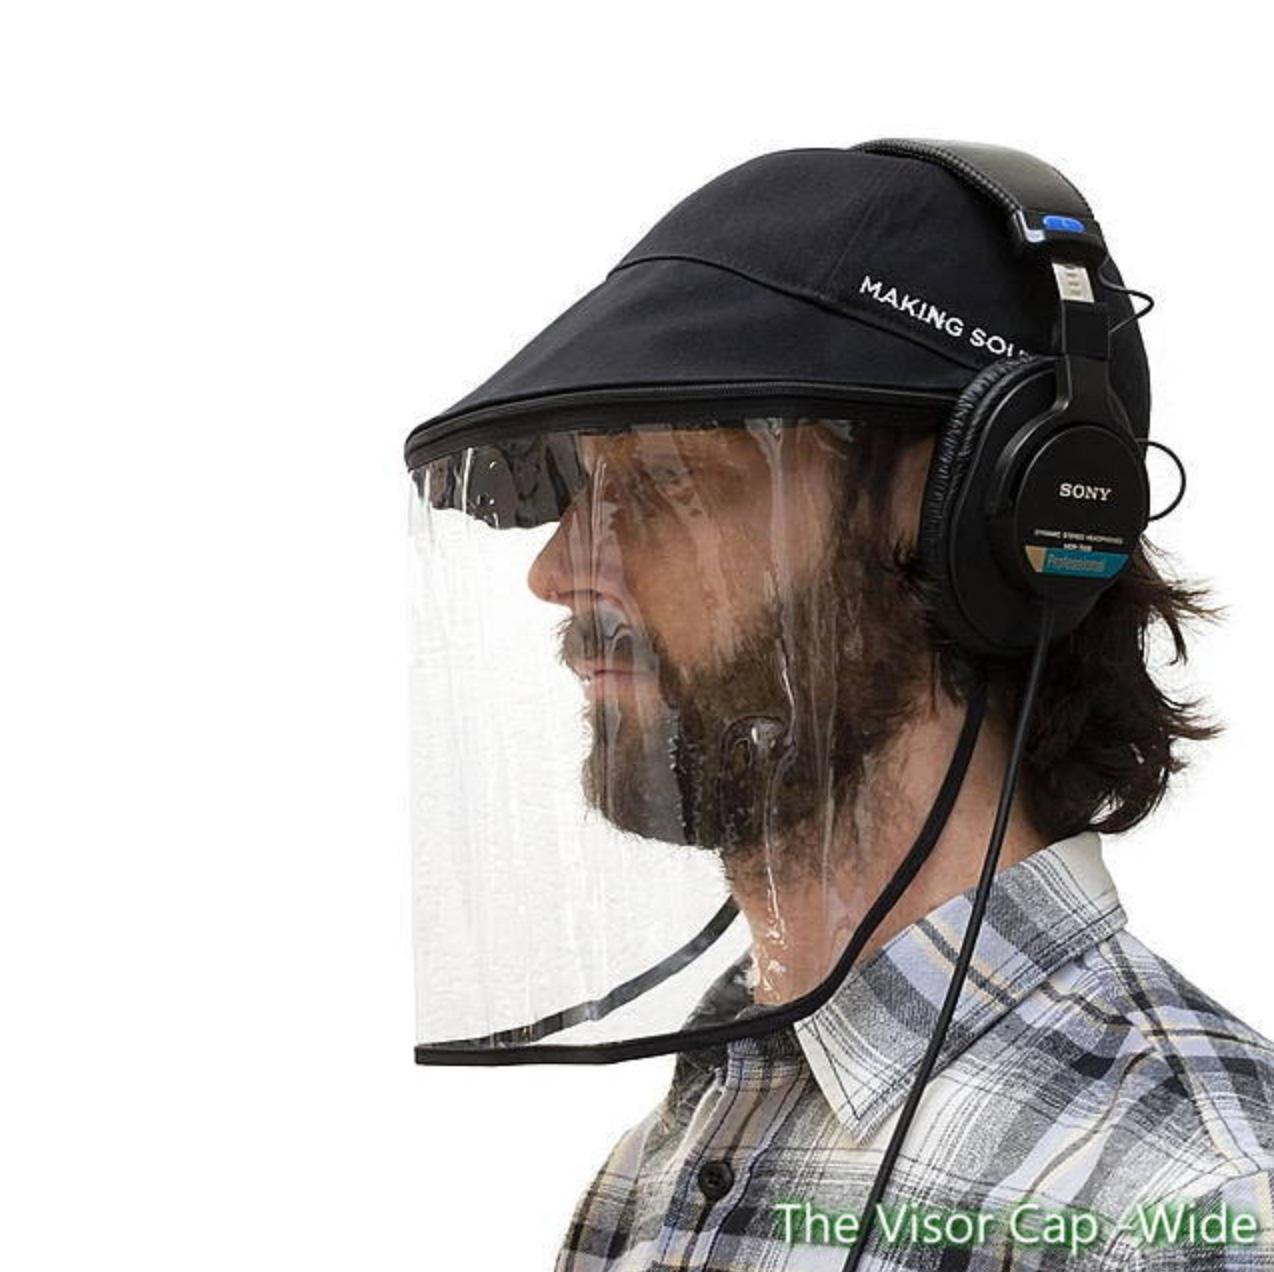 visor-cap-wide